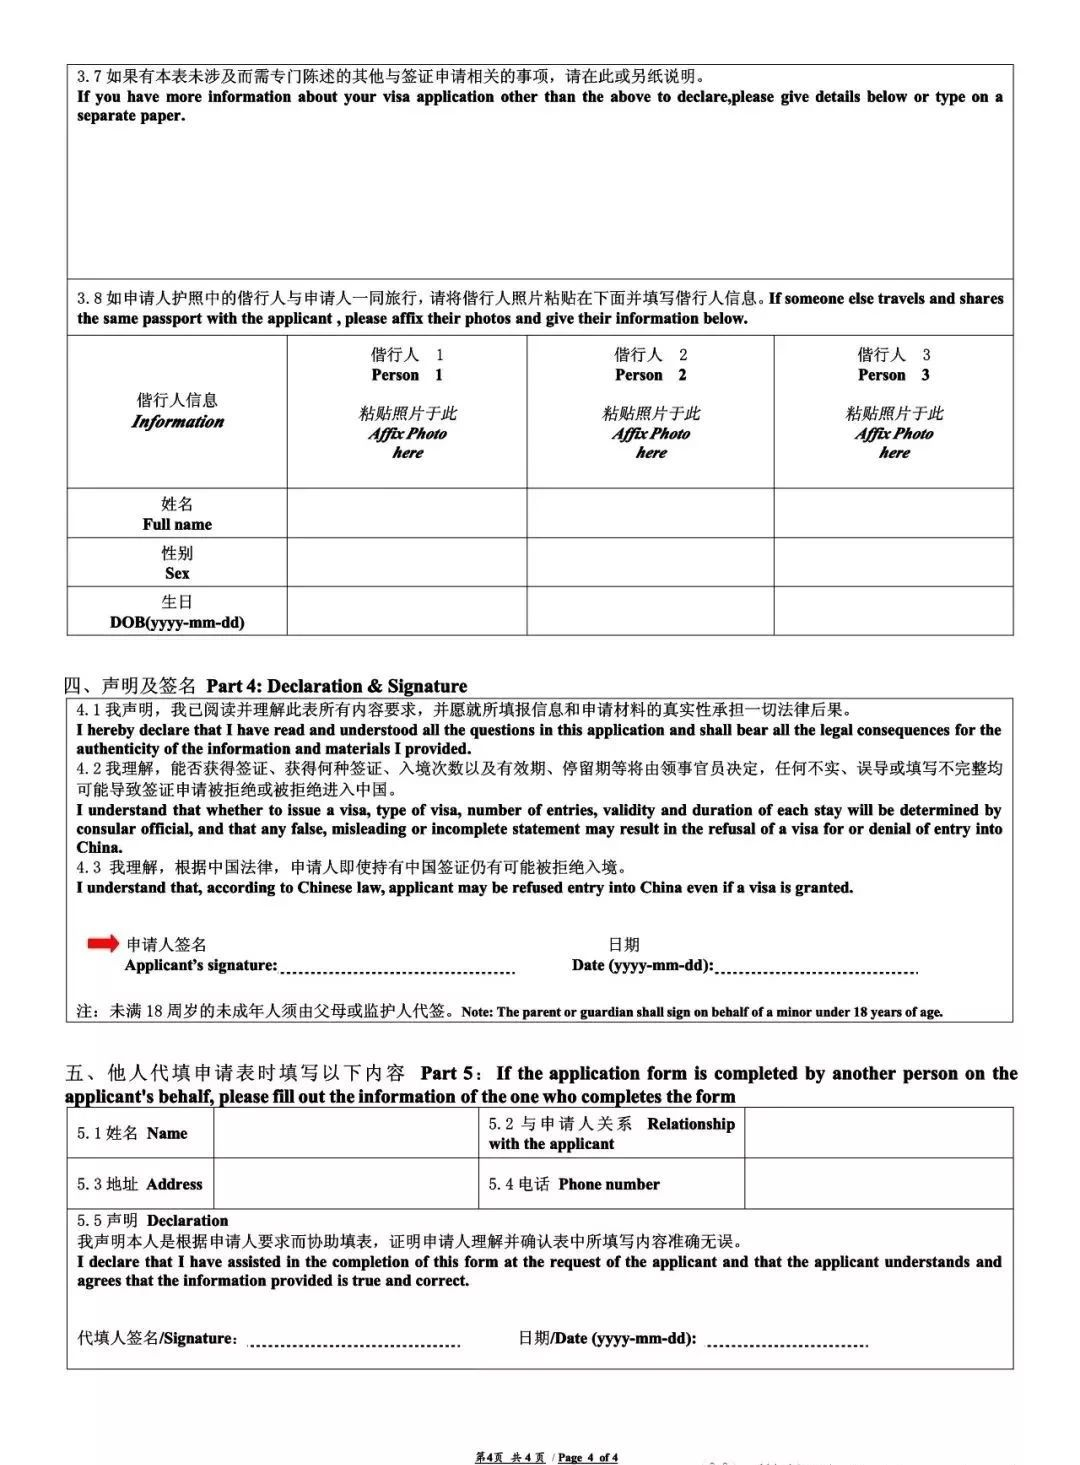 China visa application form 4